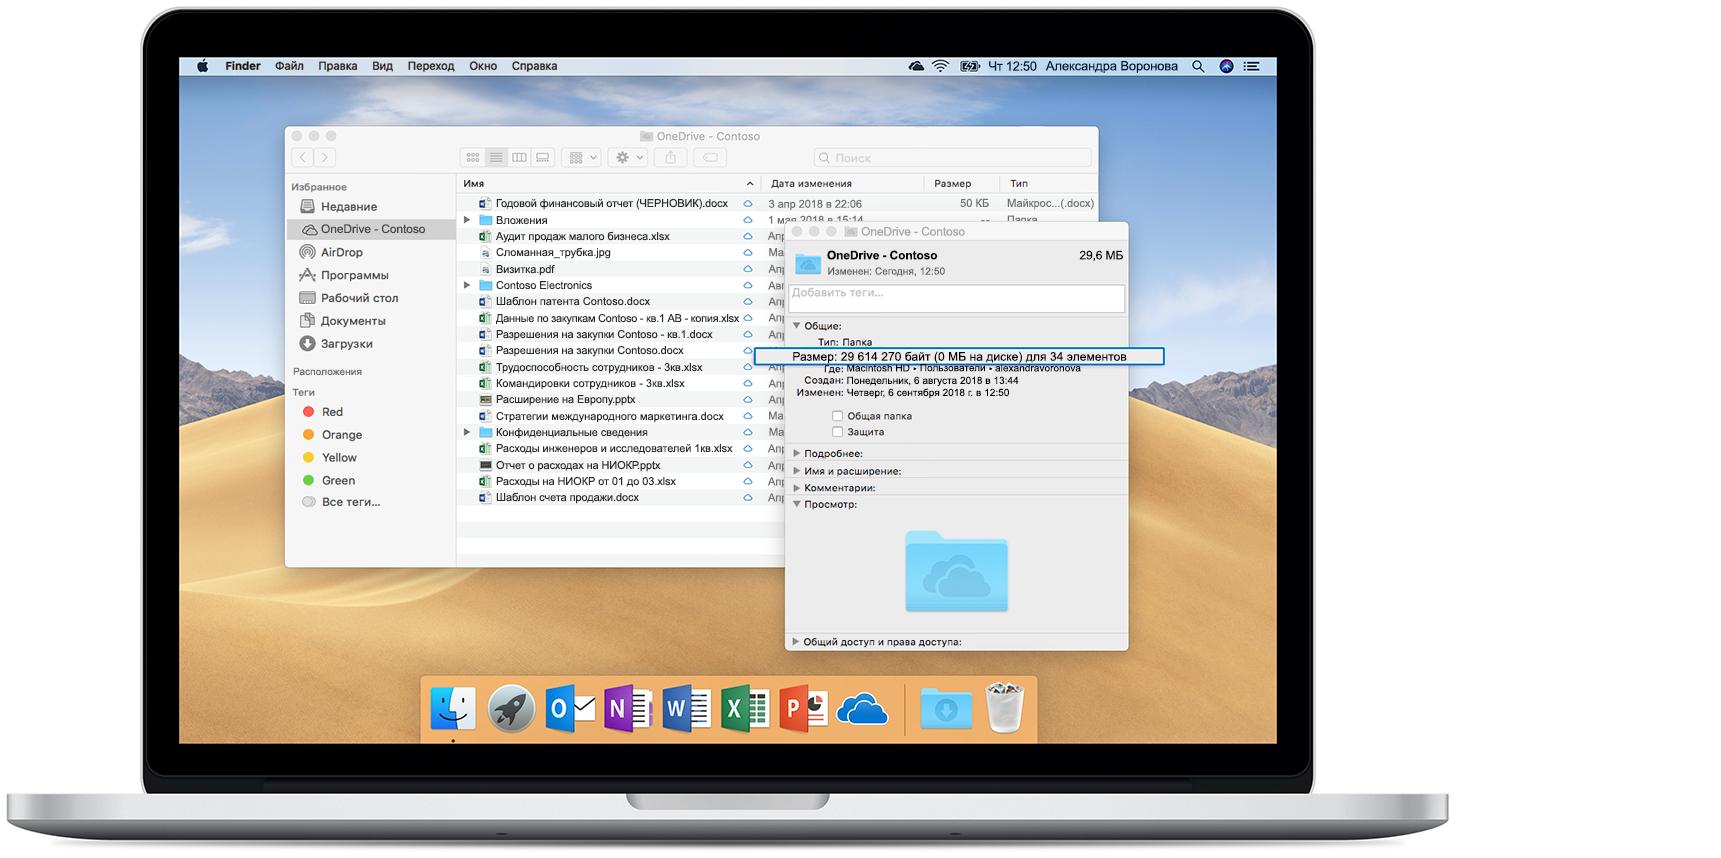 """Изображение, демонстрирующее работу функции """"Файлы из OneDrive по запросу"""" на открытом компьютере Mac"""